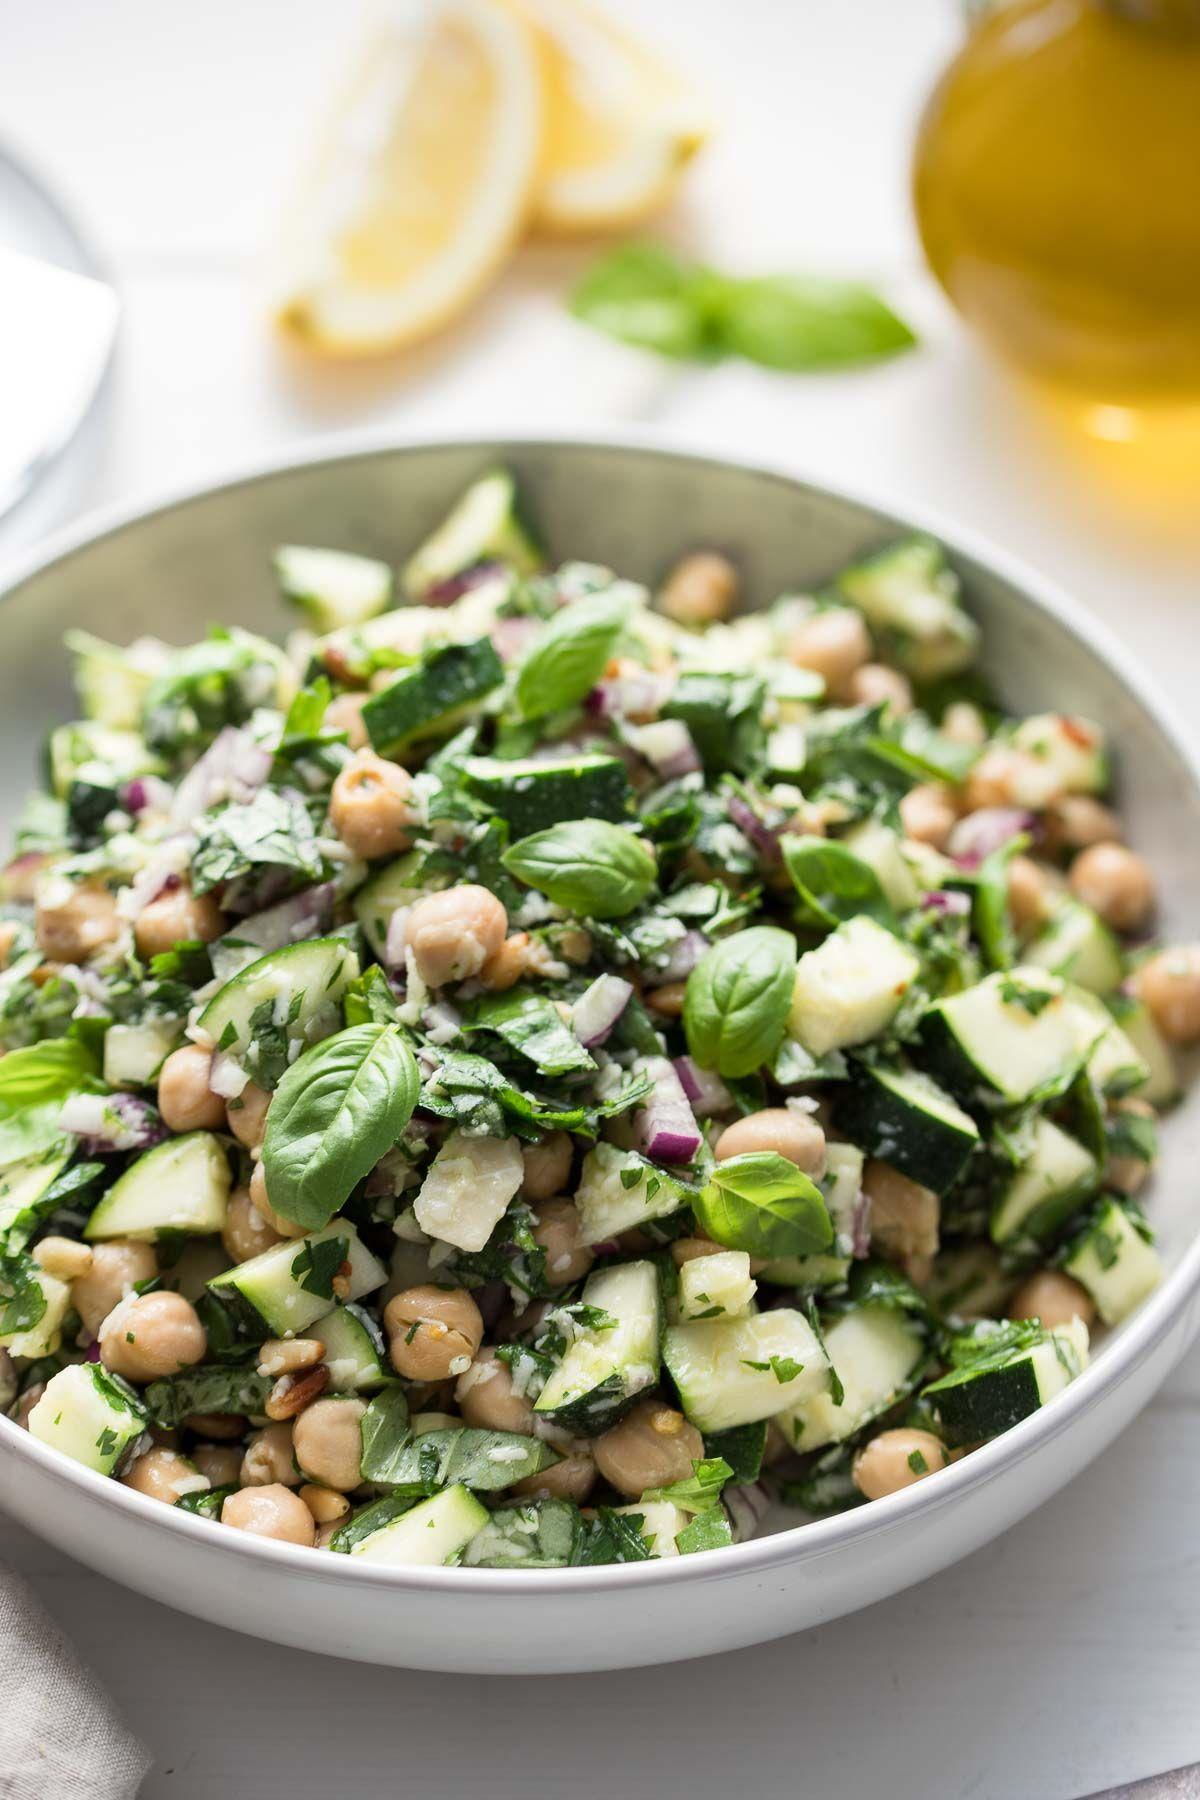 Zucchini-Salat mit Kichererbsen, Zitrone und Parmesan | Elle Republic